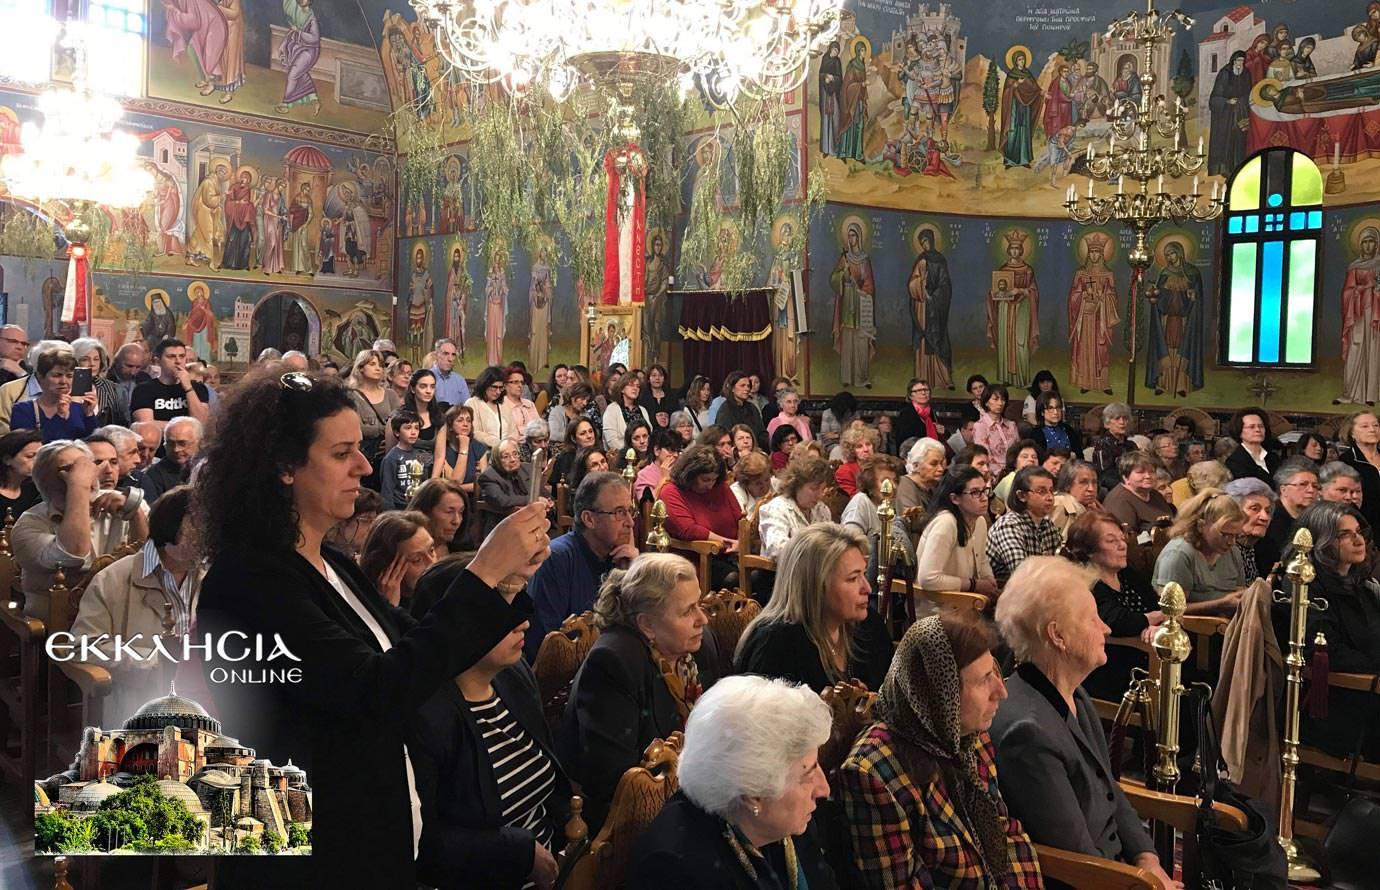 Ιερός Ναός Αγίας Ματρώνας Ερυθραία Ομιλία Άγιος Διονύσιος